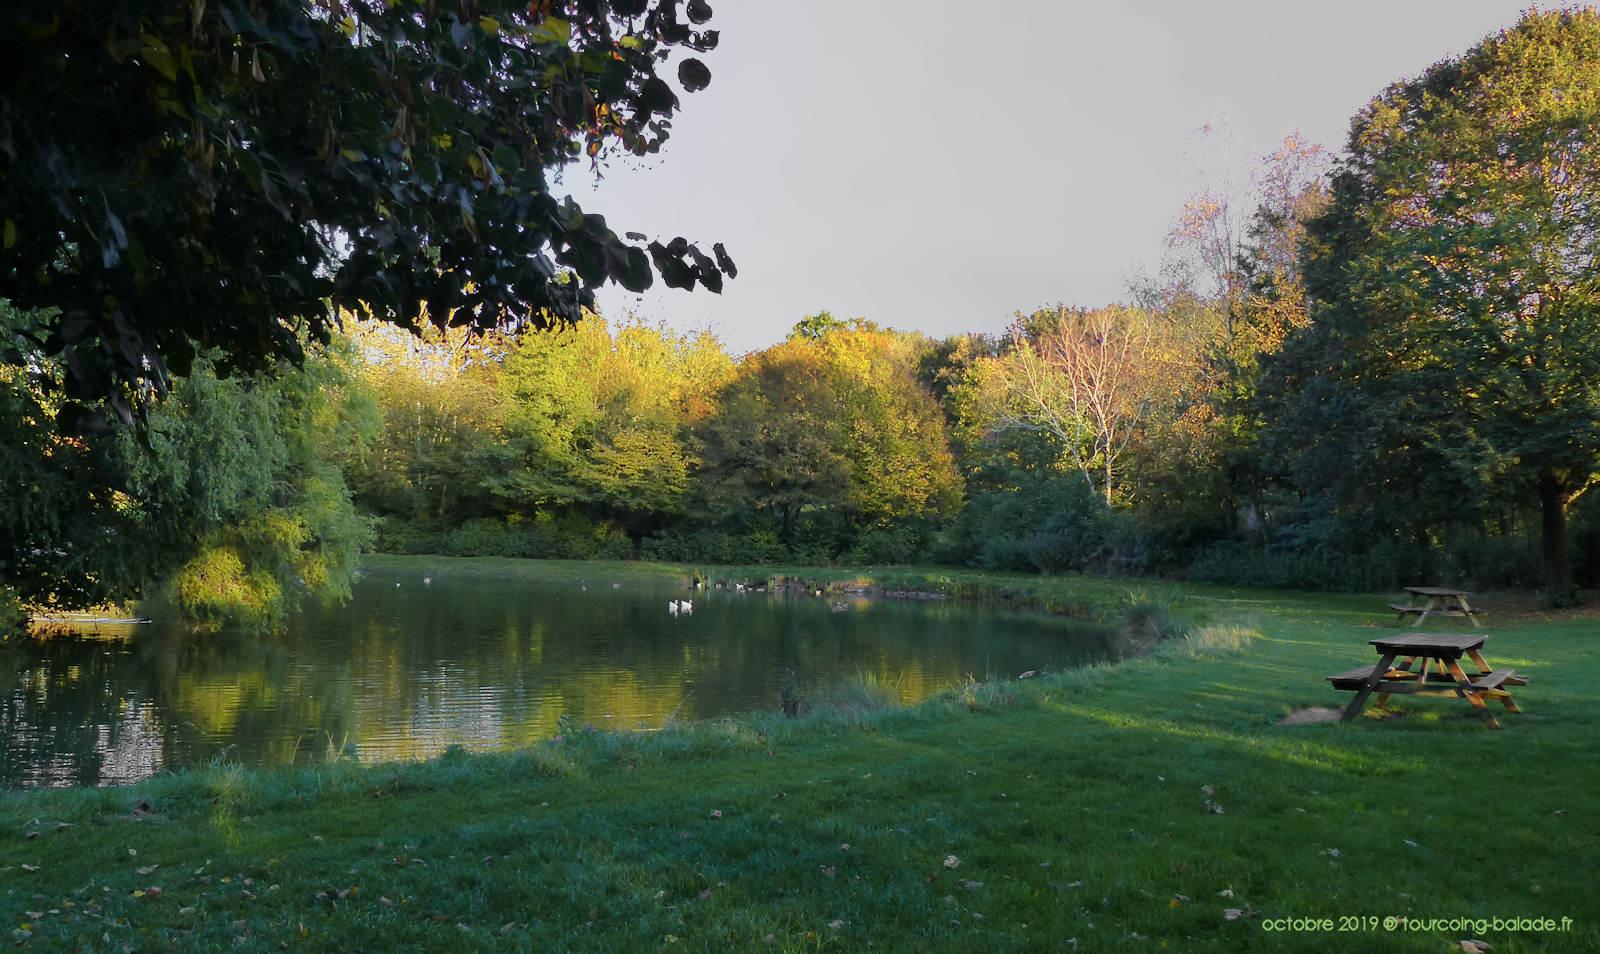 Parc de l'Yser, Tourcoing - Plan d'eau.